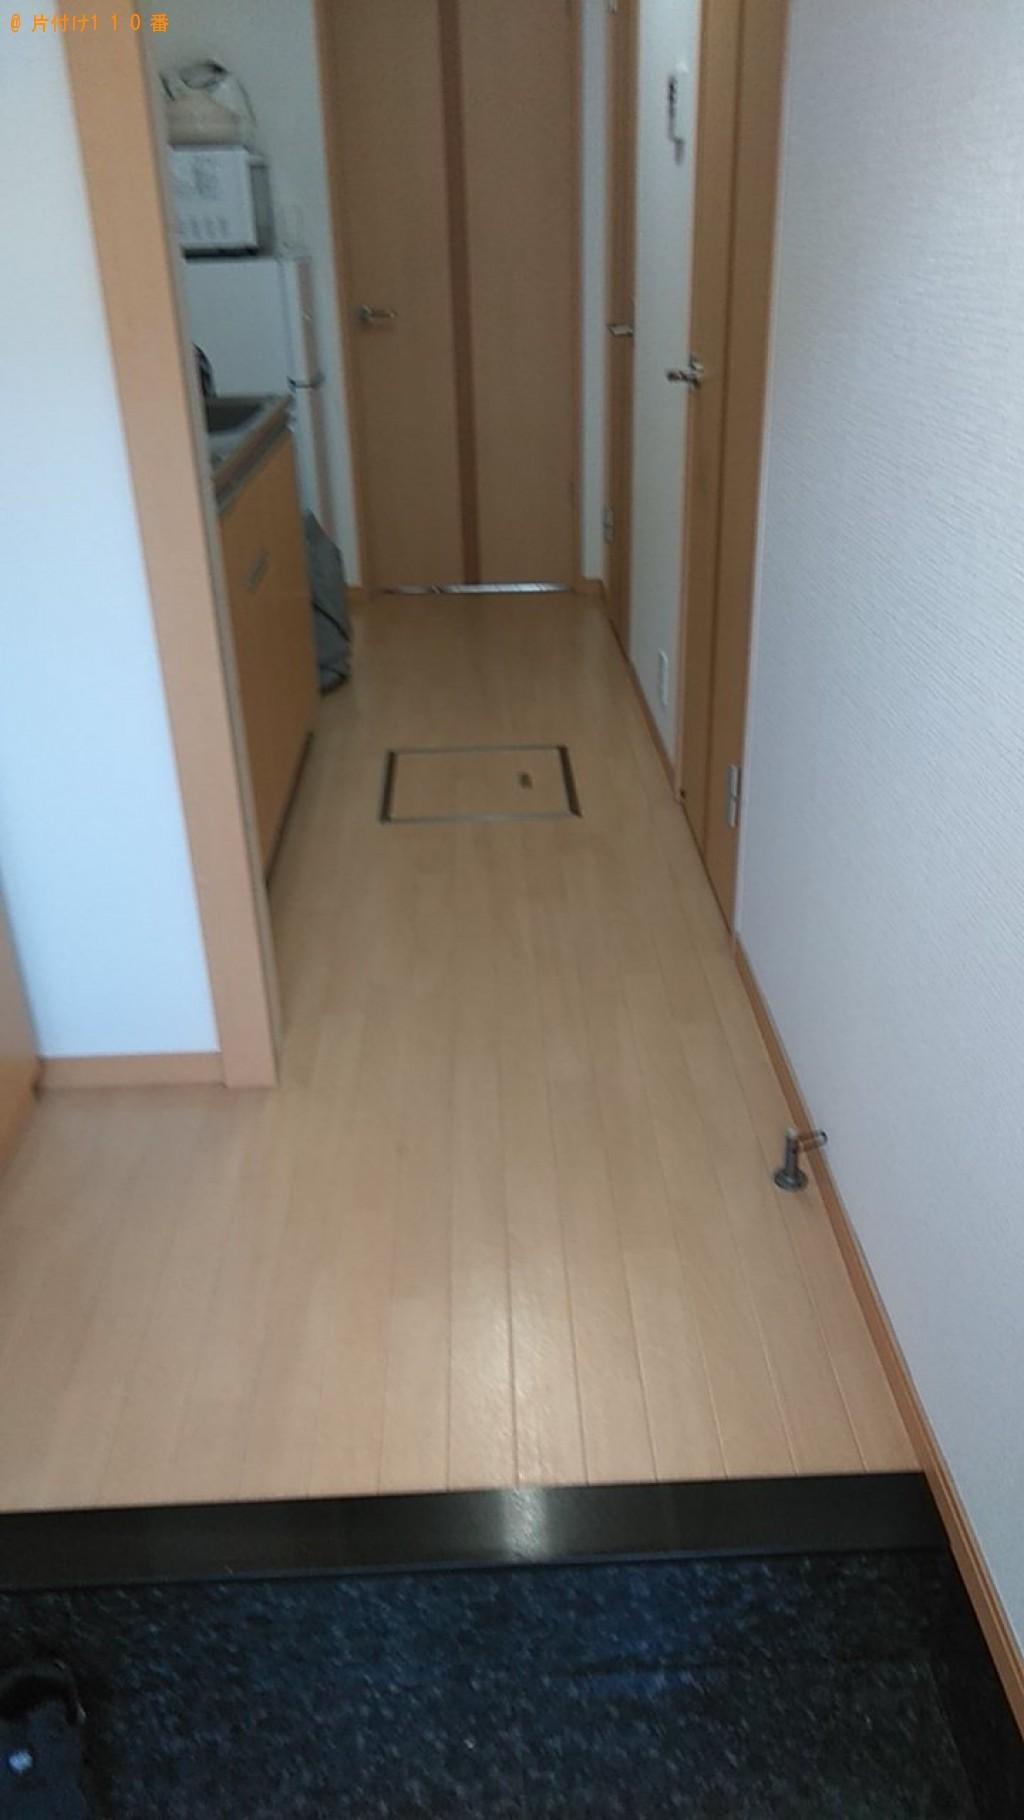 【松山市】シングルベッド、布団、机の引き出し等の回収・処分ご依頼